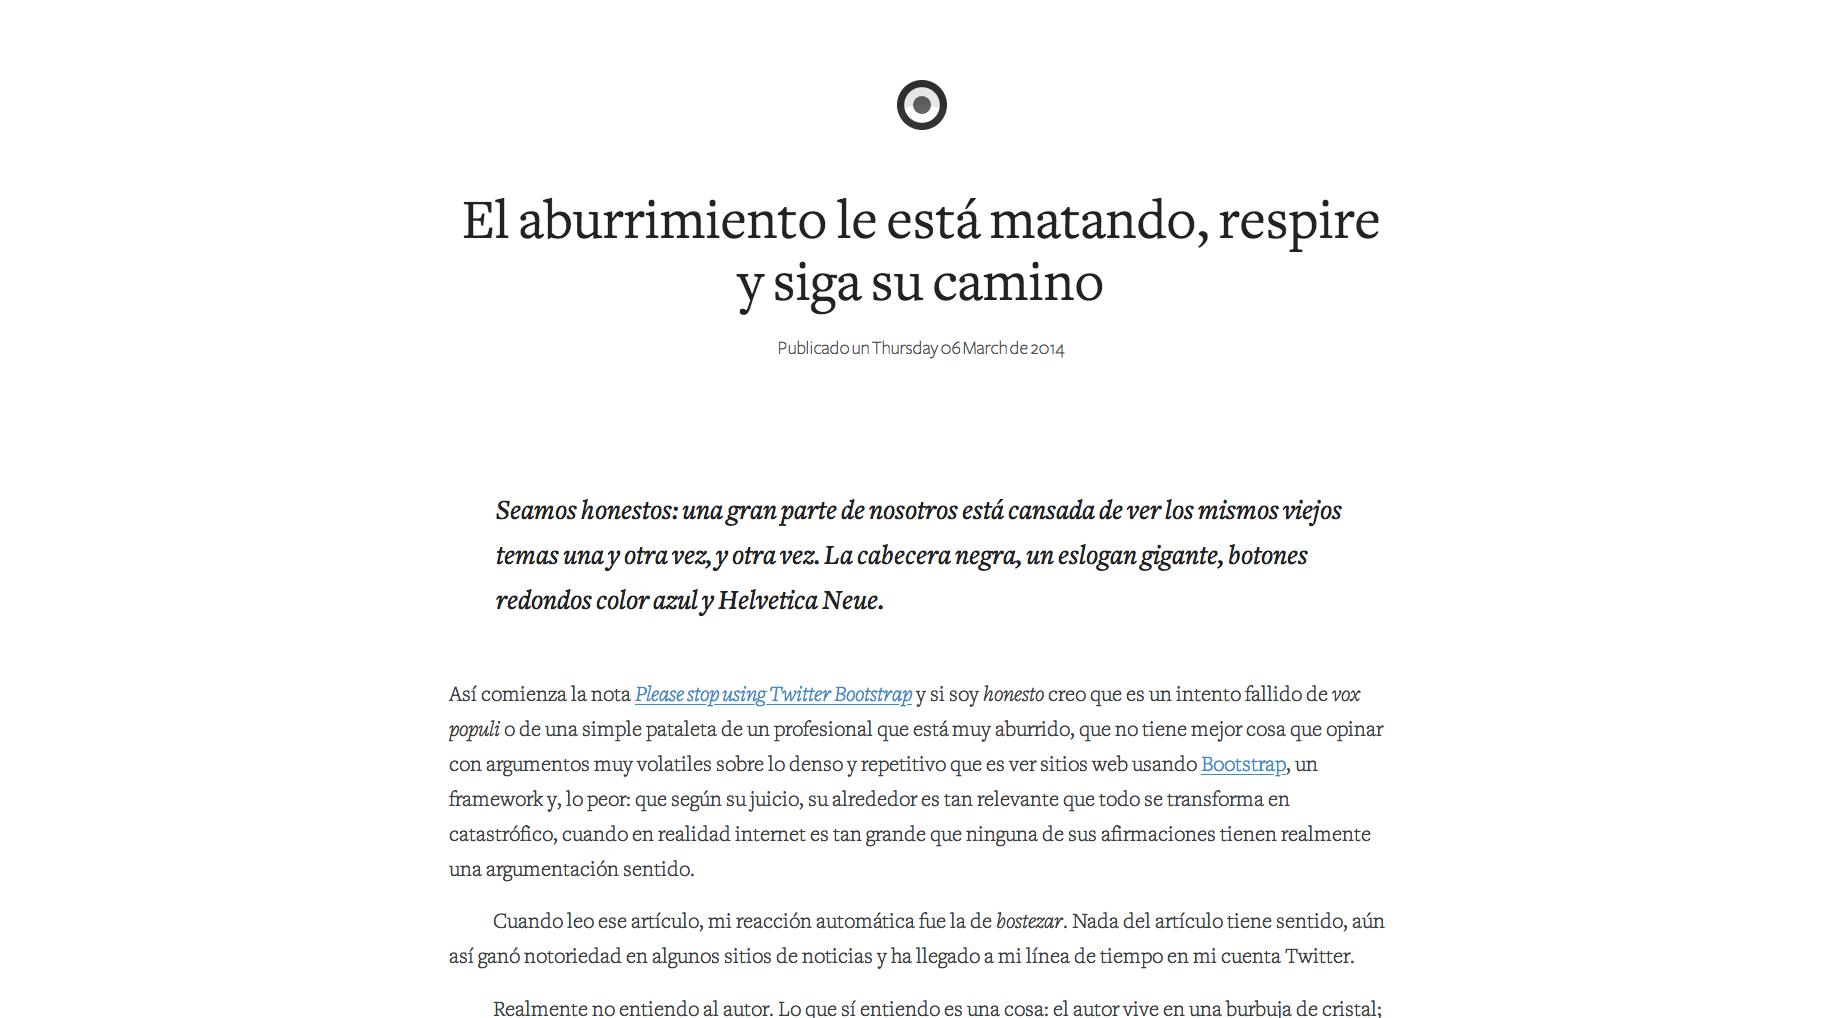 Crear un blog gratis - ejemplo de blog simple: Minid.net